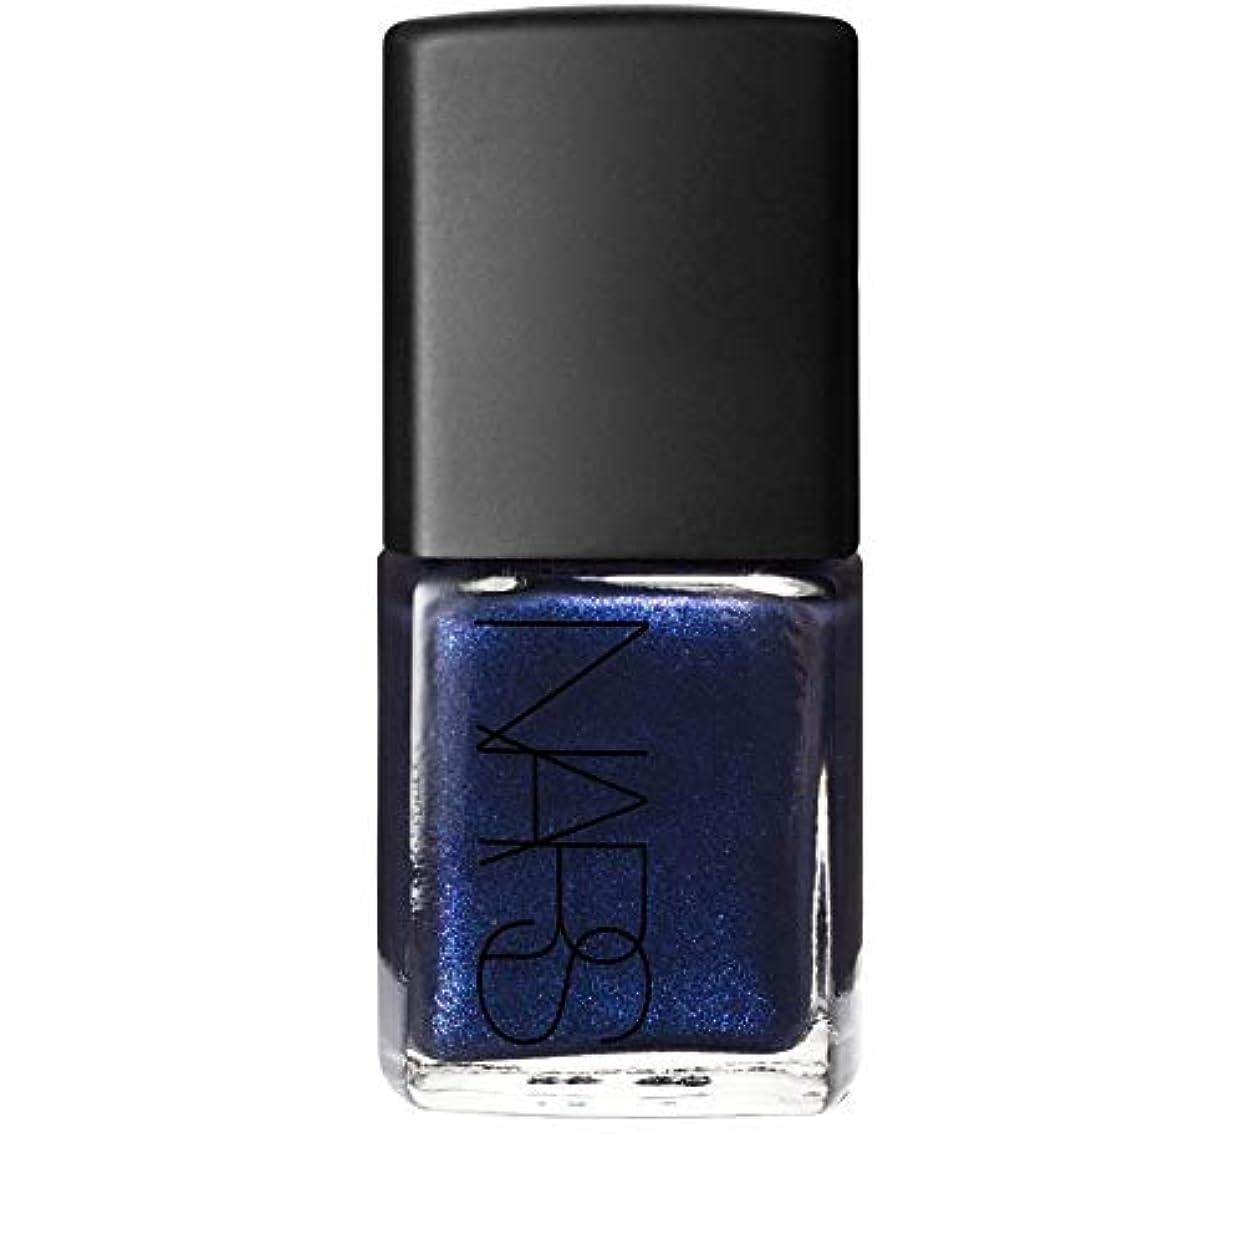 快適当社強大な[Nars] 青色の夜間飛行の真珠でのNarマニキュアを - Nars Nail Polish in Night Flight Pearl Blue [並行輸入品]